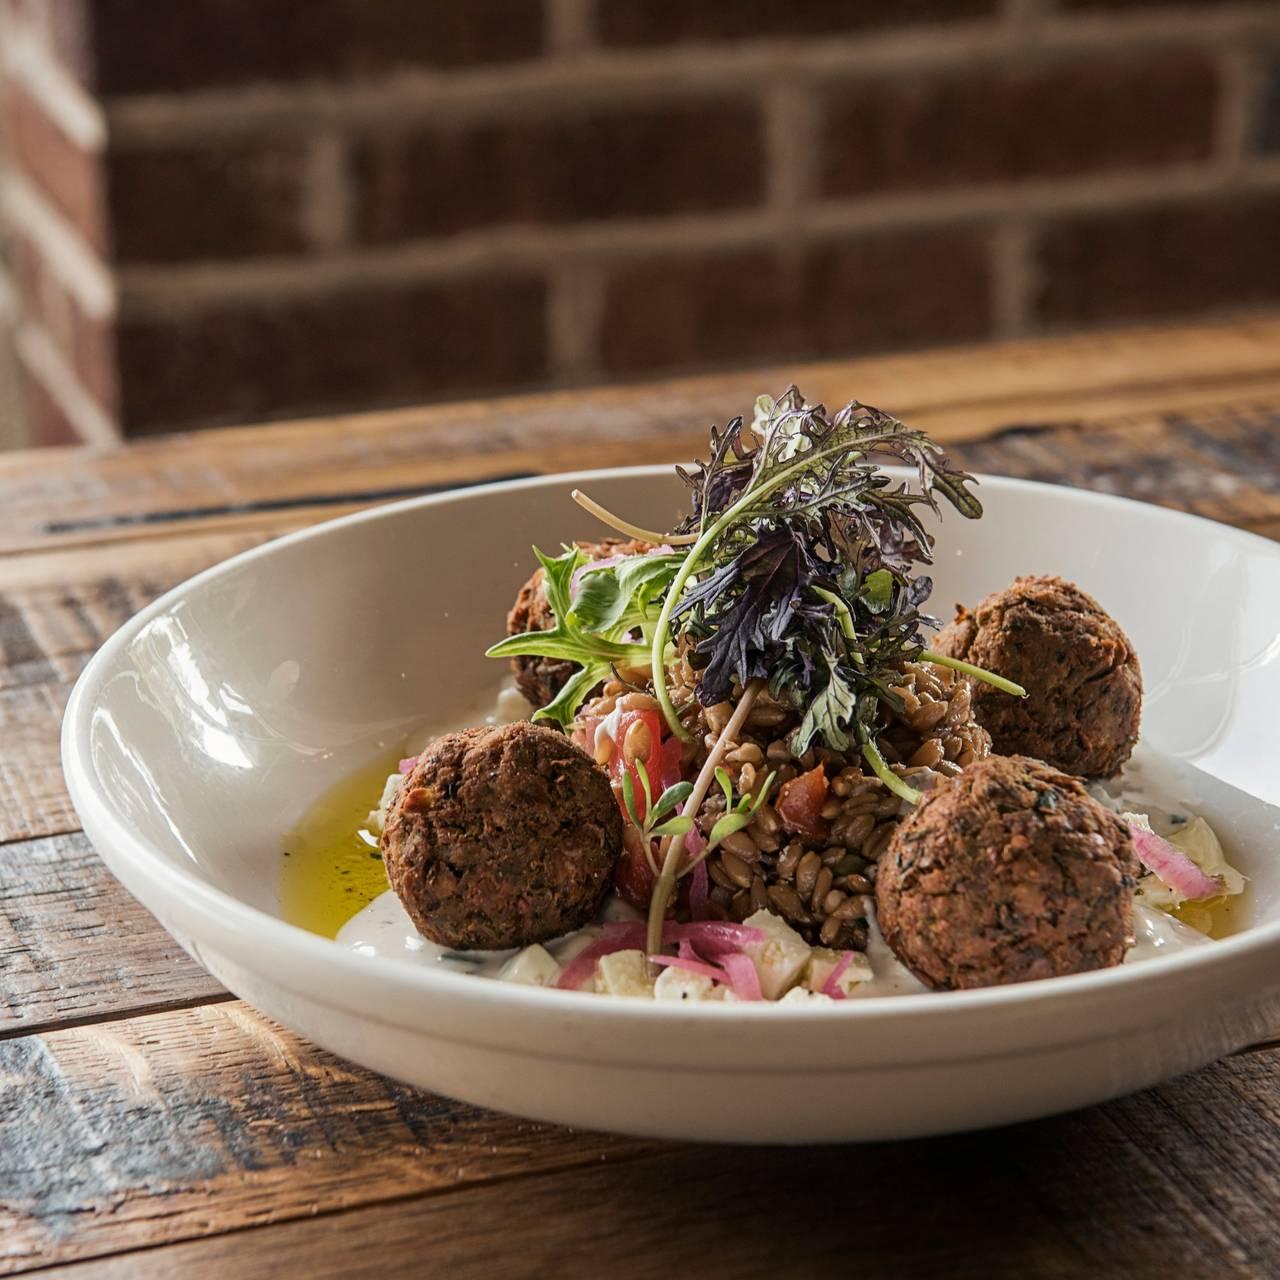 Kindred Fare Restaurant - Geneva, NY | OpenTable